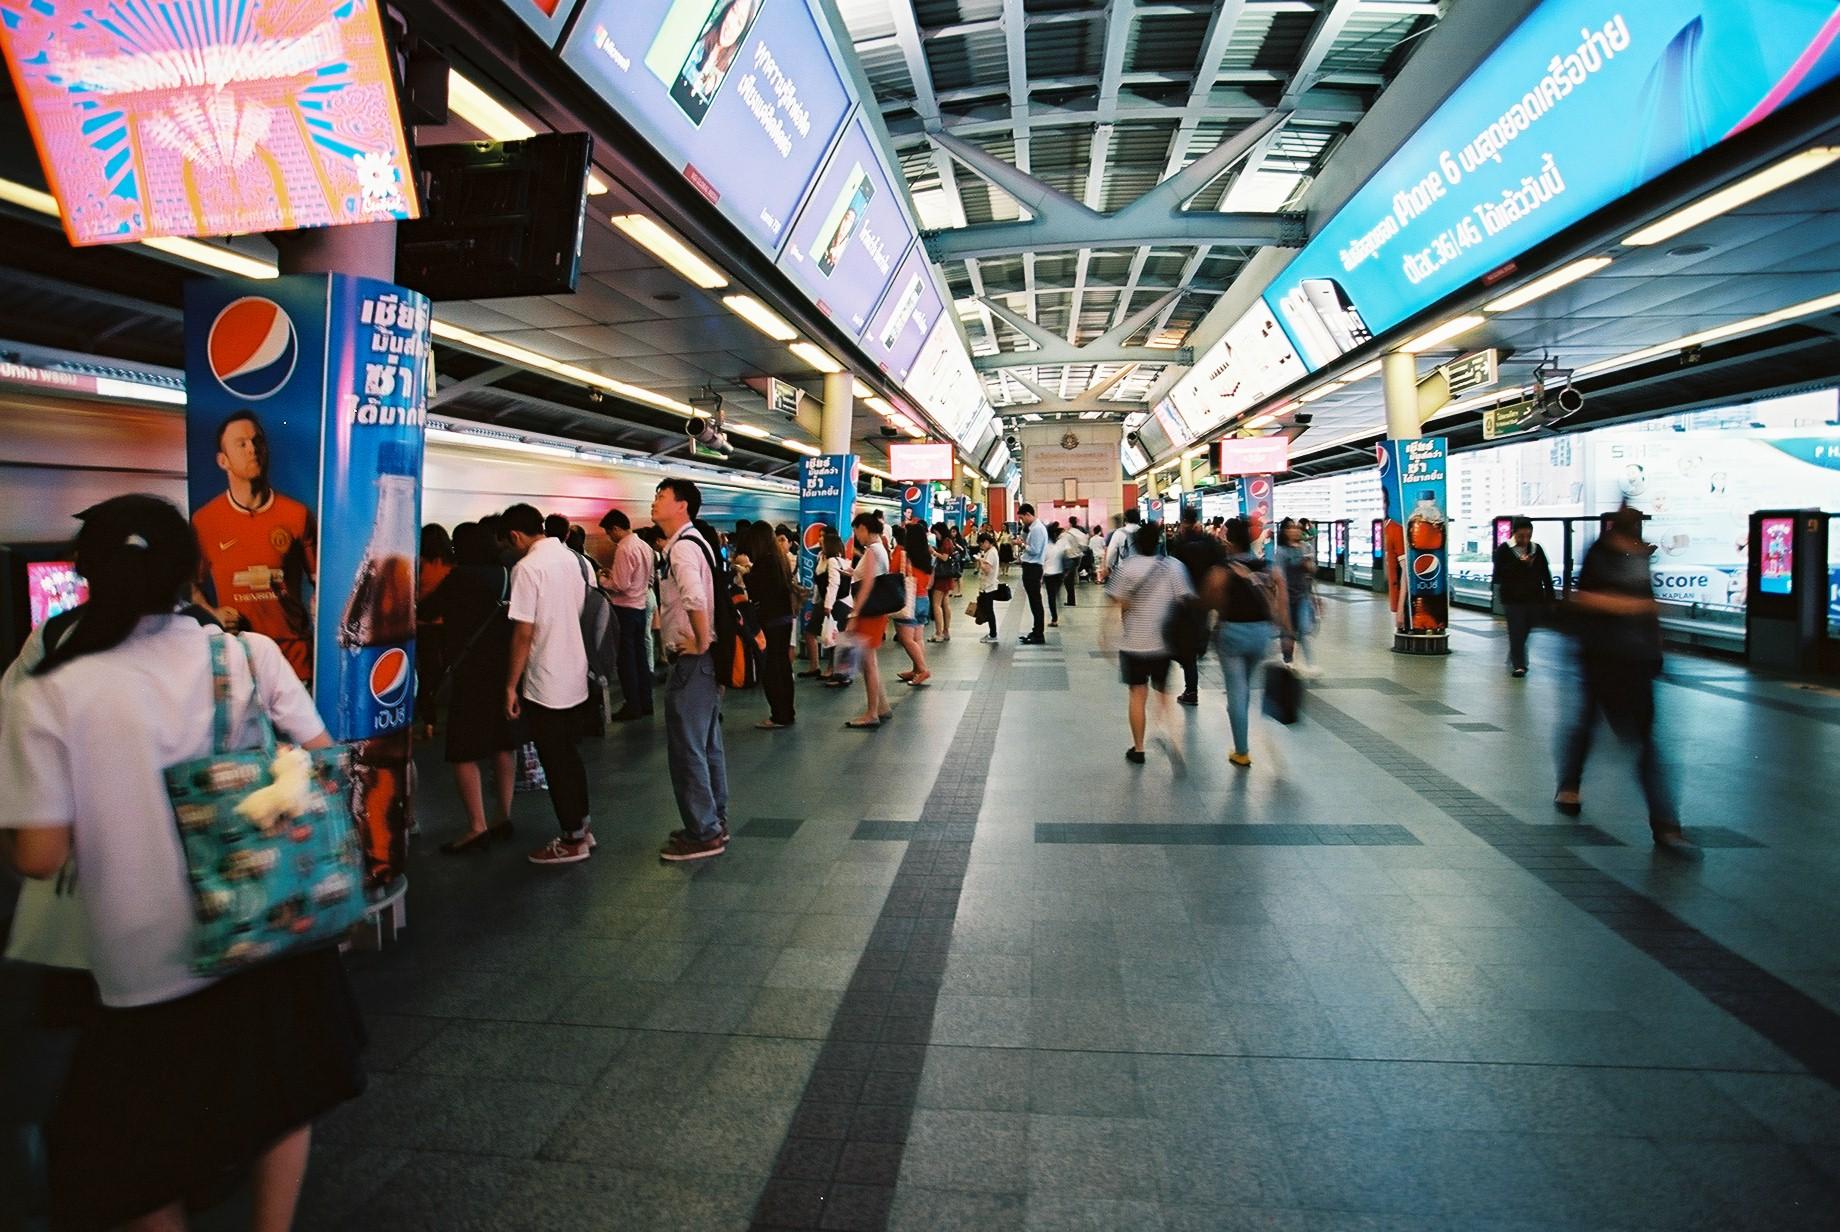 Ektar 100 | BTS Station